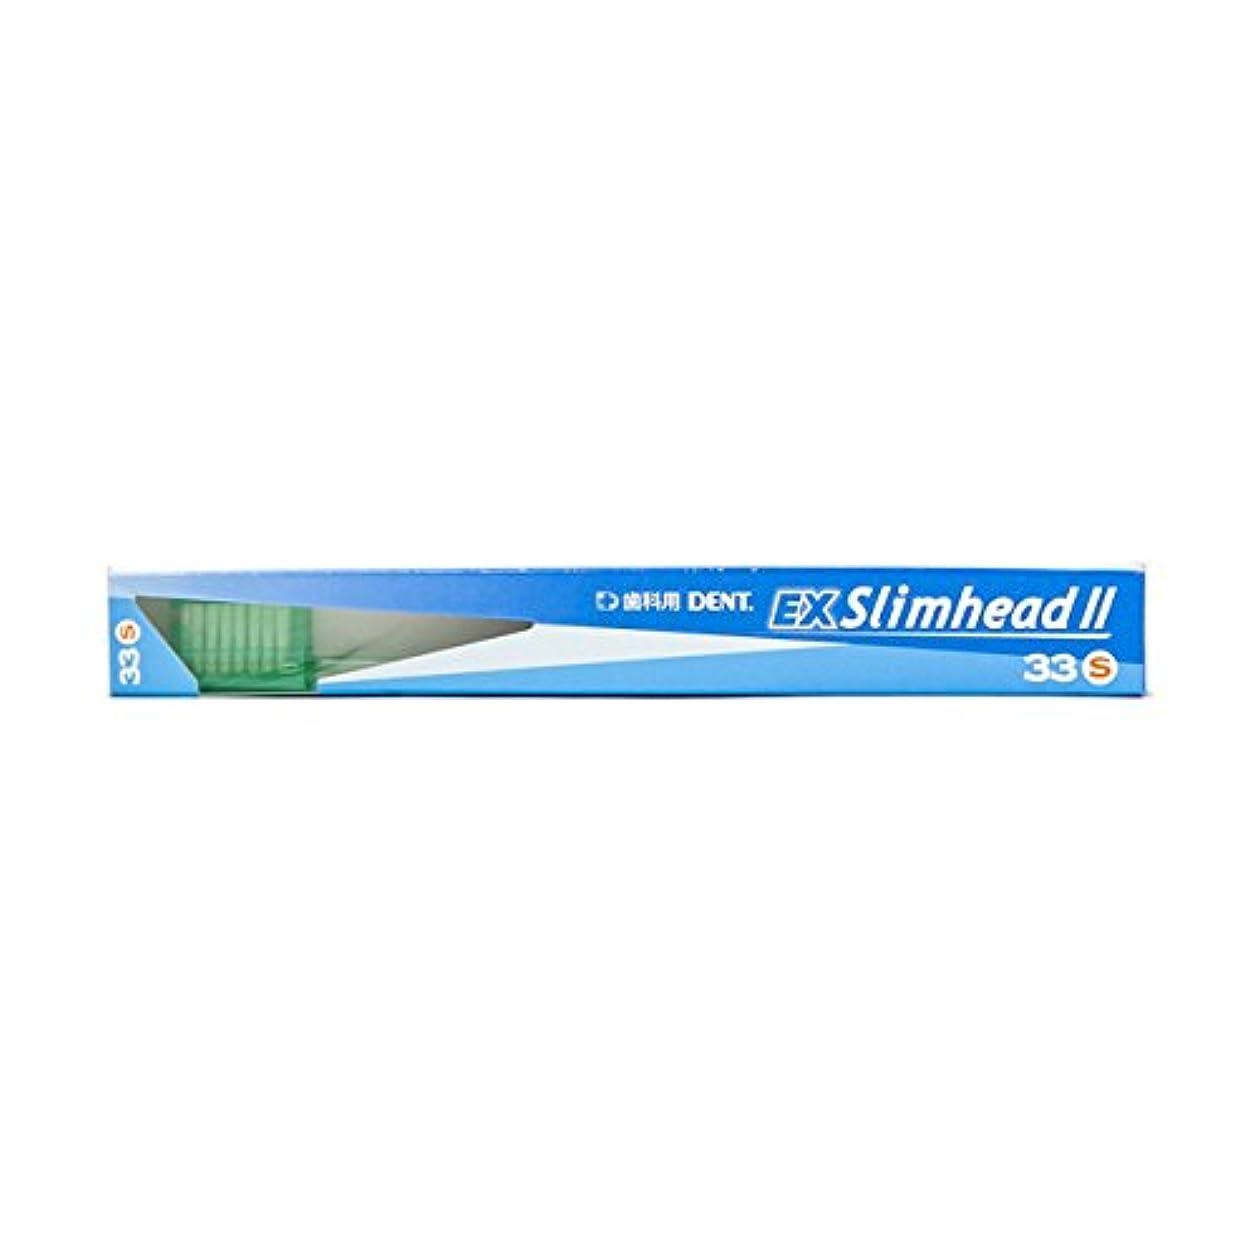 ジャンプするピア上院ライオン DENT.(デント) EXスリムヘッドツー 33S ソフト 歯ブラシ 1本